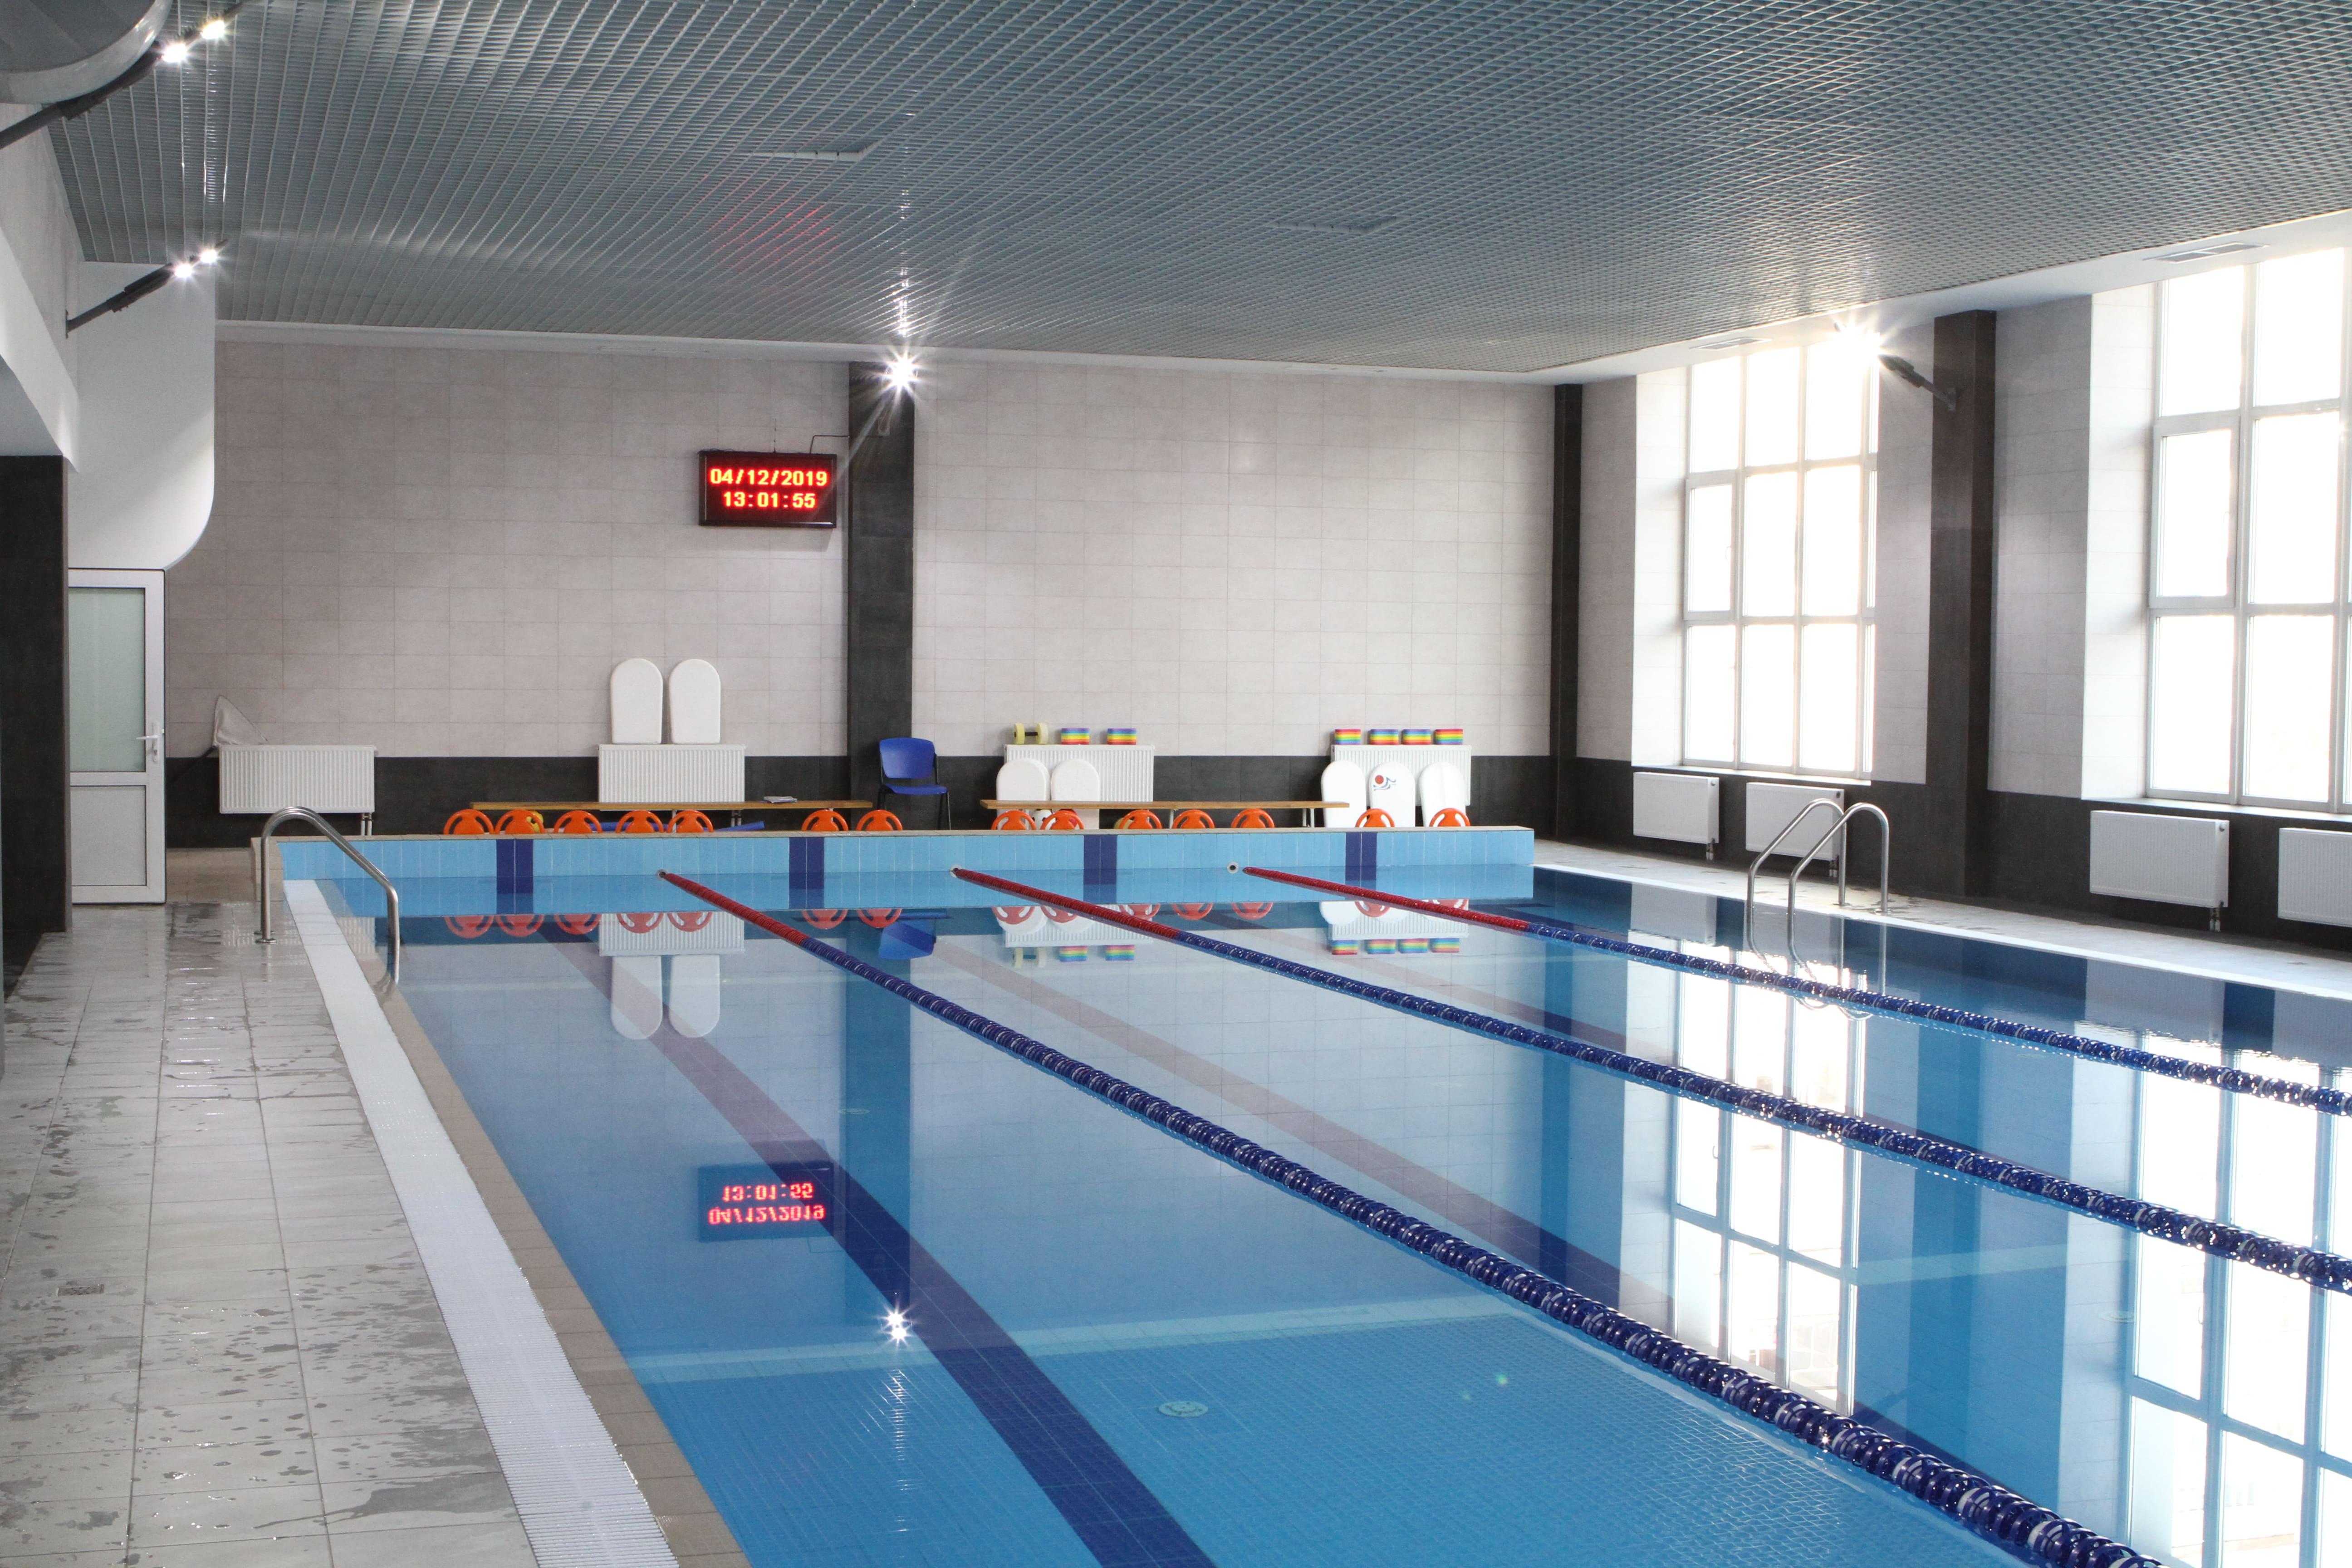 СК Харьковский: техническое обслуживание бассейна